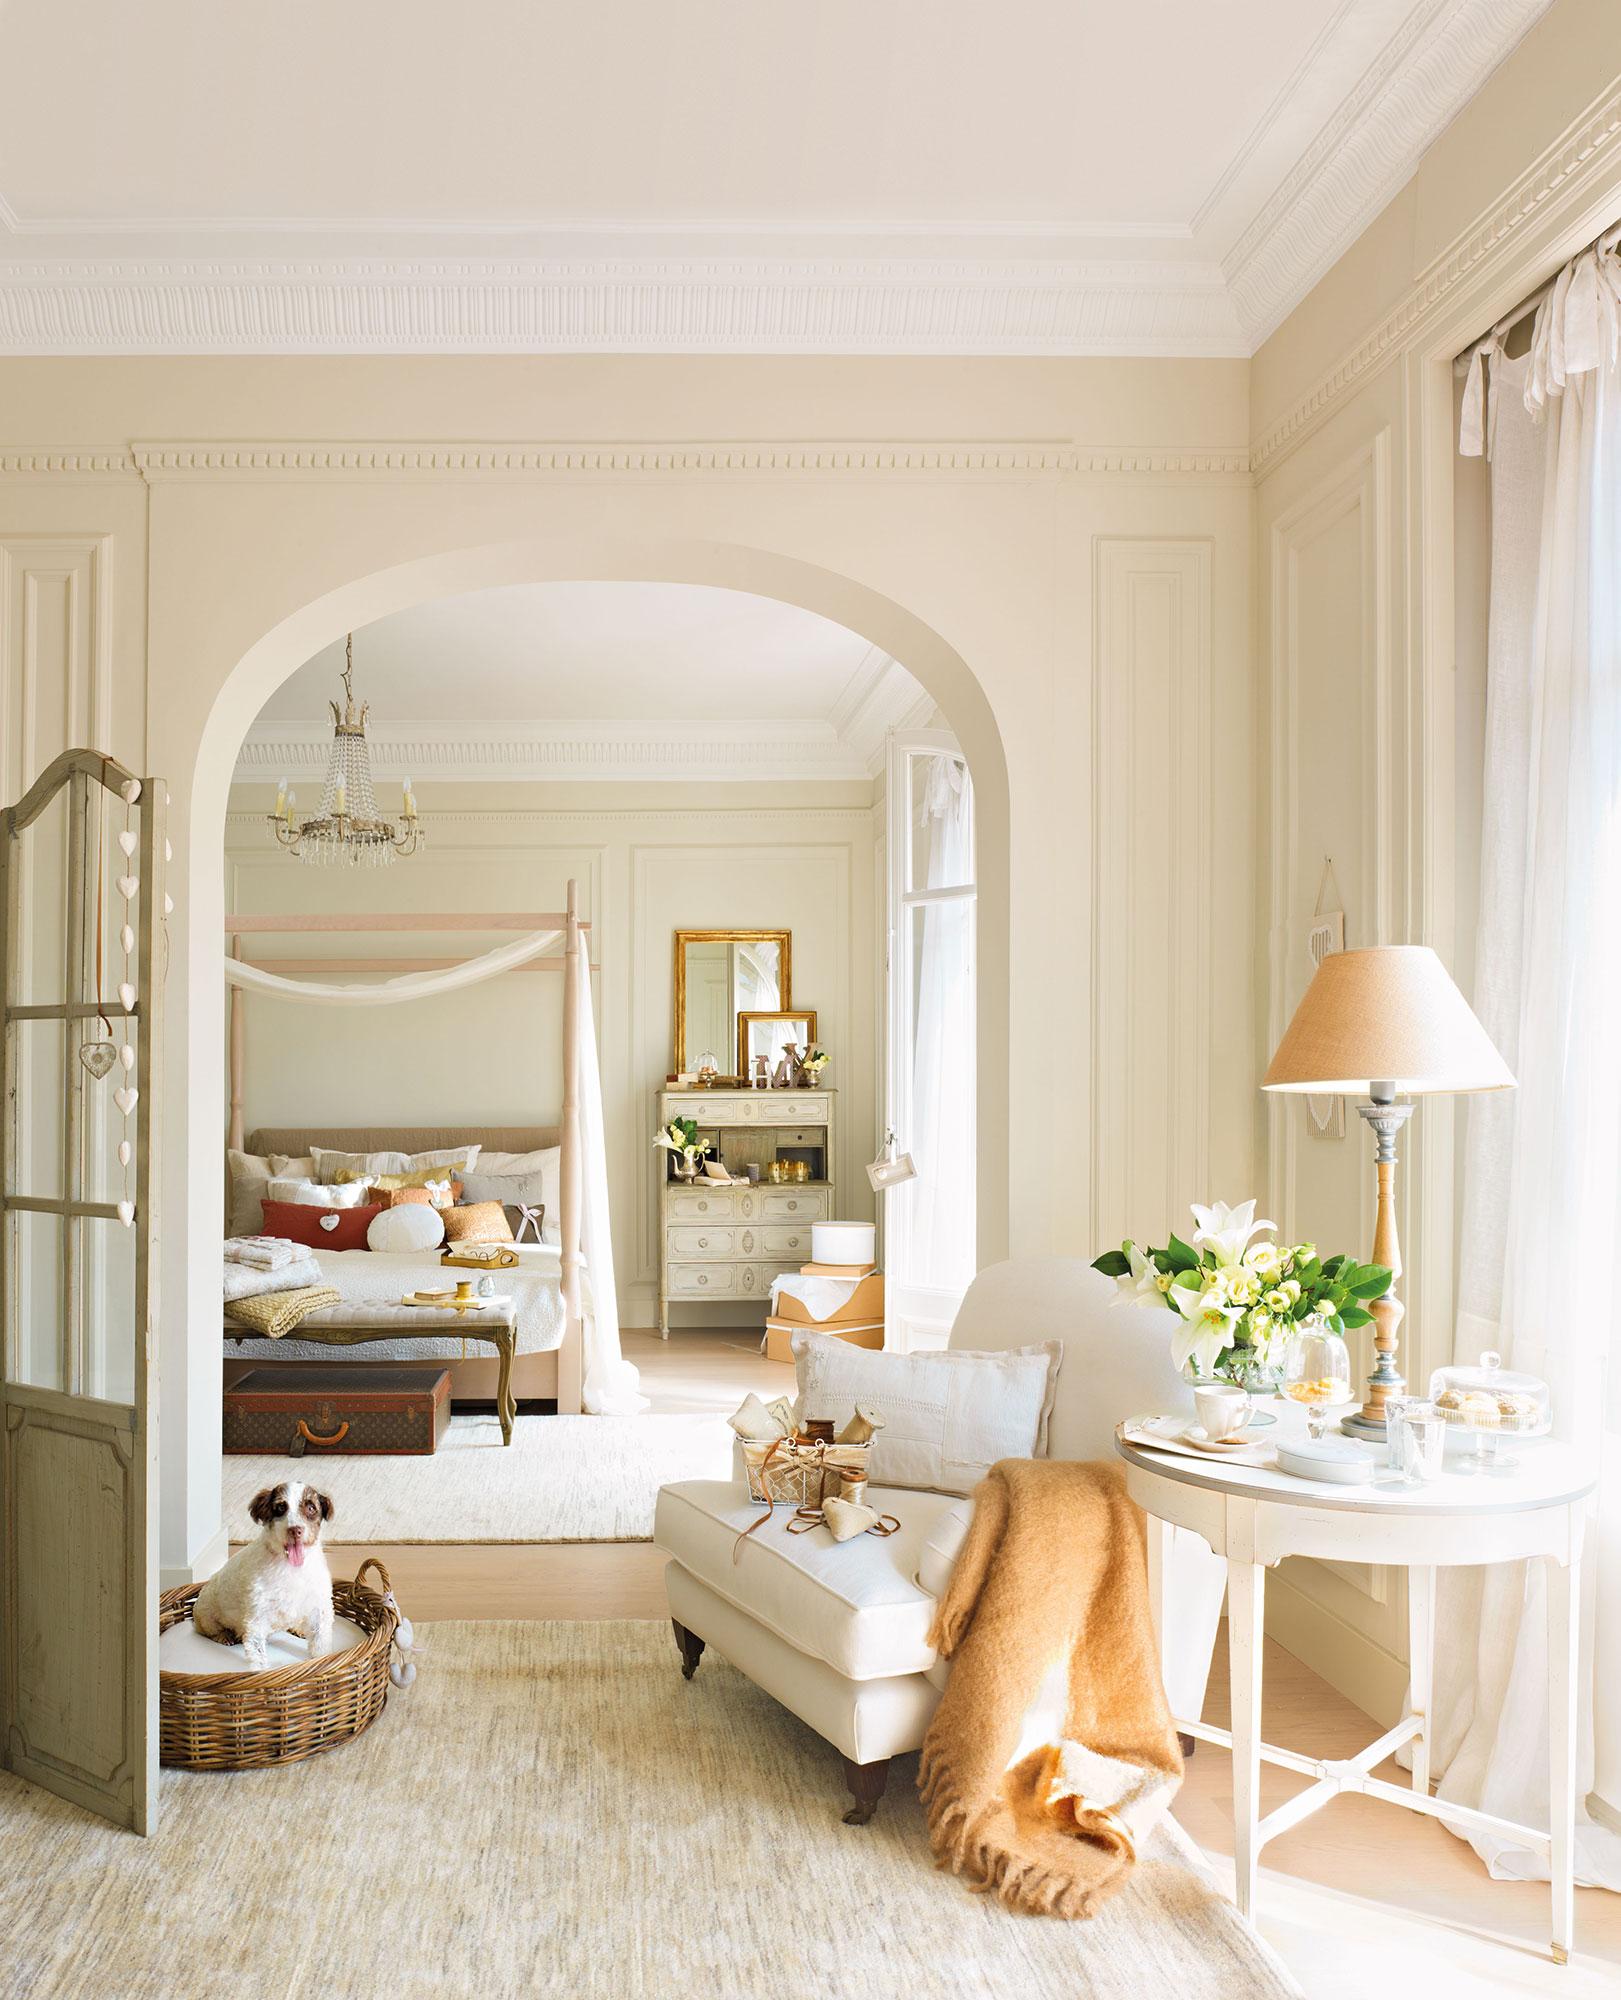 20 Dormitorios Con Muchas Ideas # Muebles Necesarios En Un Dormitorio